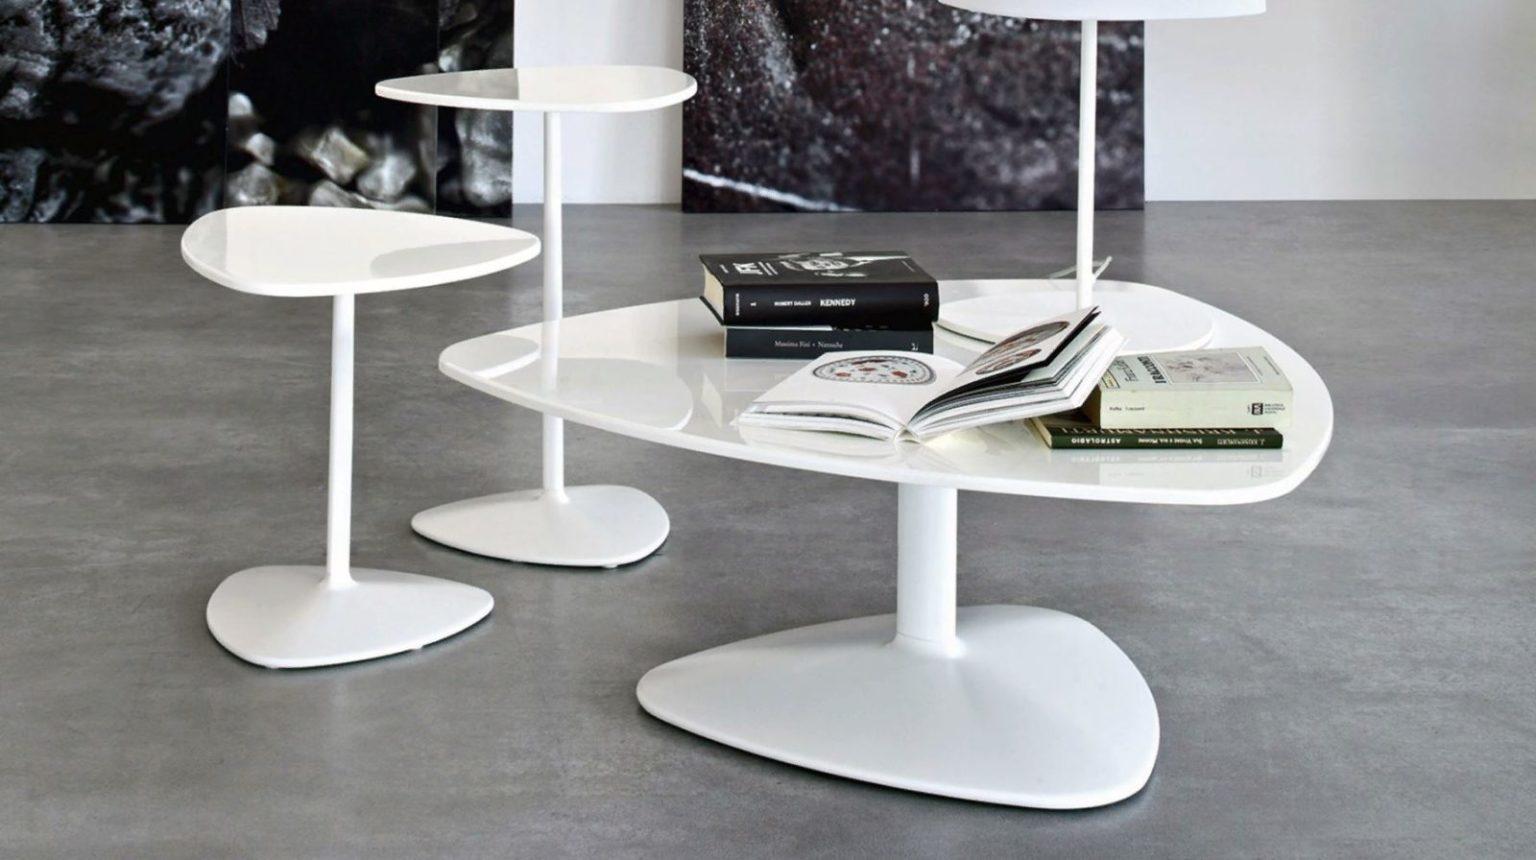 Журнальный столик 2021: формы, цвета, материалы